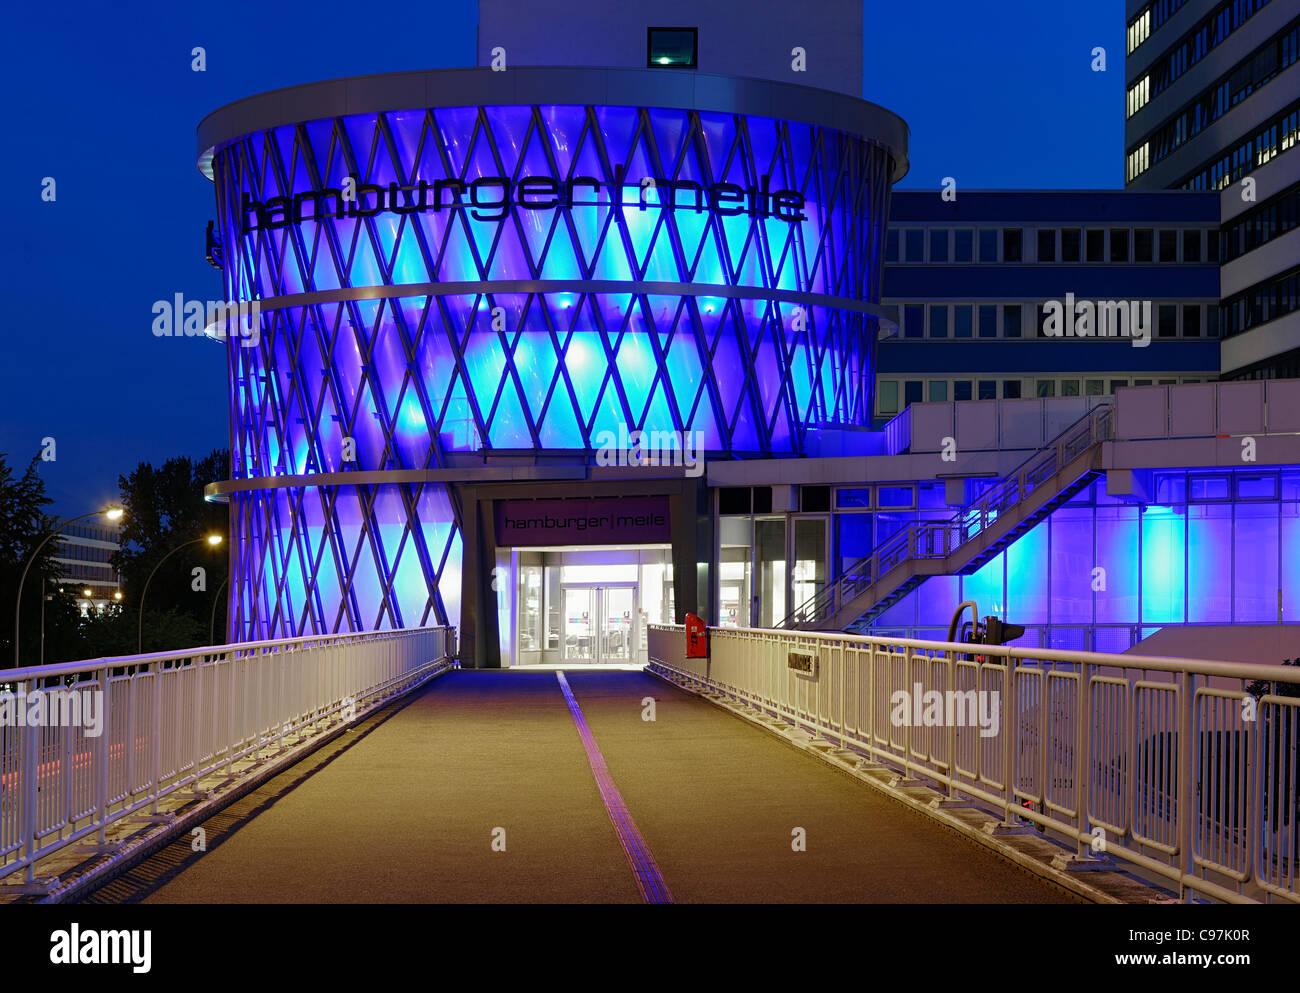 Neugestaltung Des Hamburger Meile Einkaufszentrum Hamburger Straße